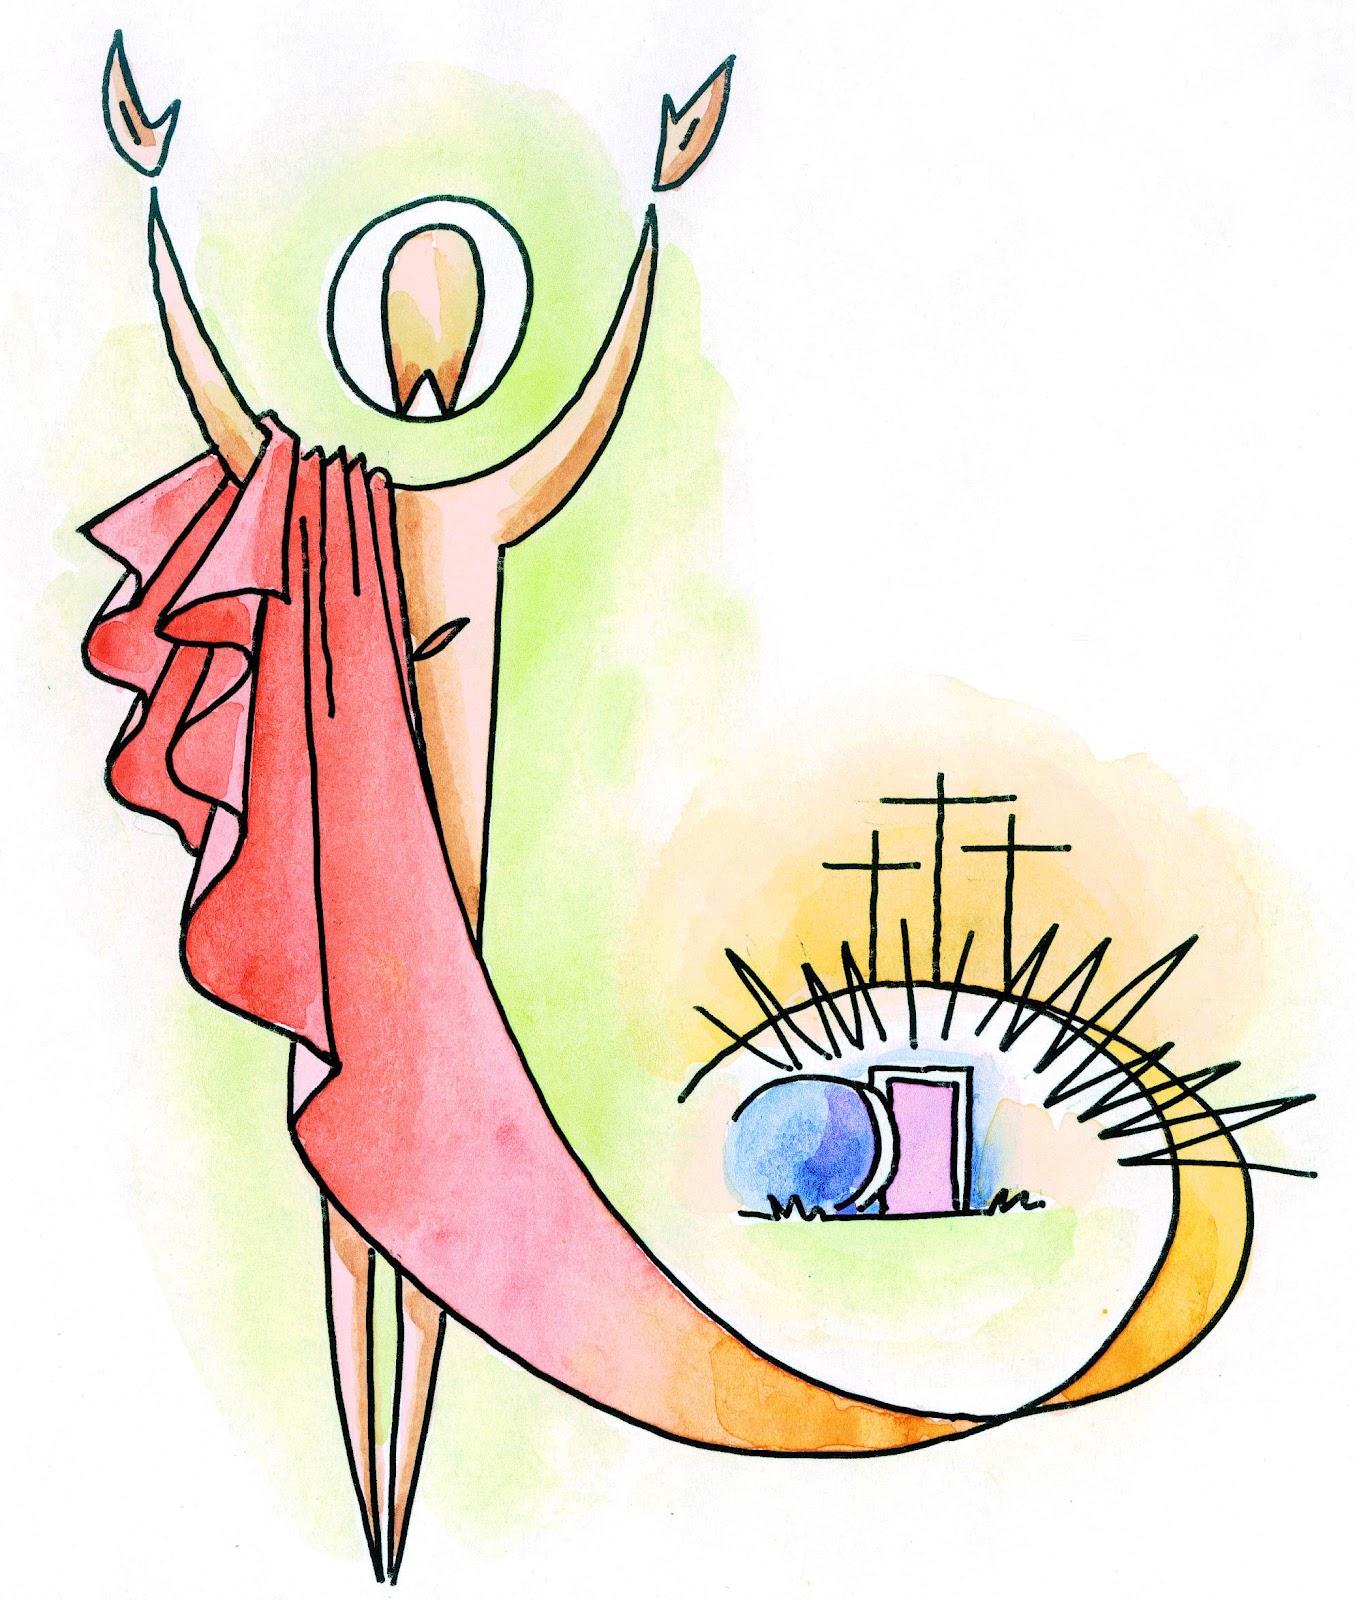 Risultati immagini per buona pasqua immagini risurrezione stilizzate